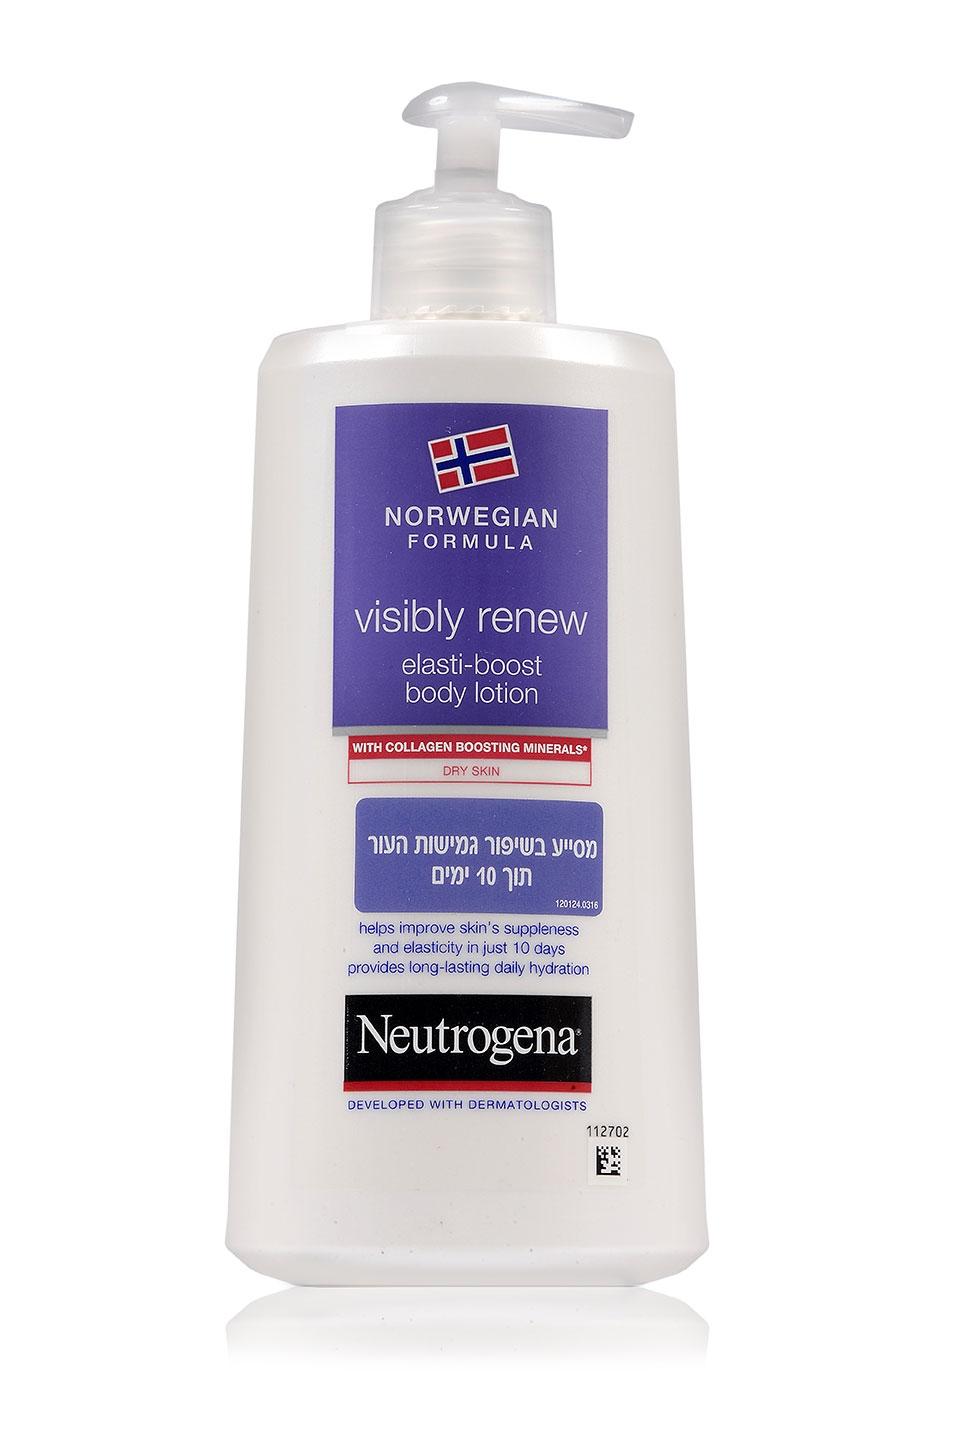 לחות מוגברת לעור וסיוע בשיפור גמישות העור באופן מורגש ונראה לעין.